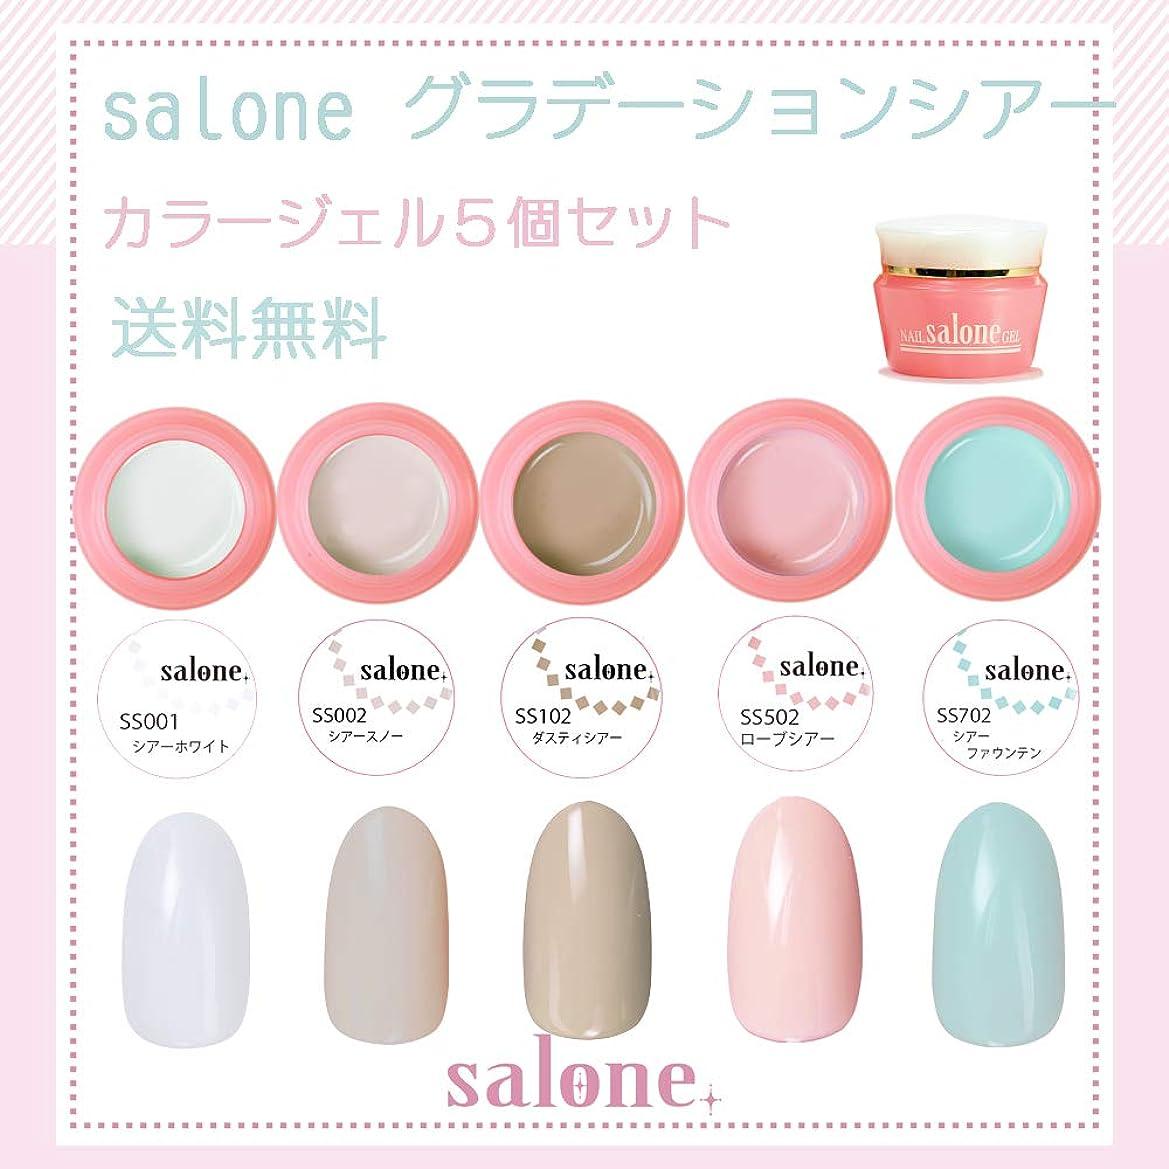 デザイナー愛する逆さまに【送料無料 日本製】Salone グラデーションシアー カラージェル5個セット グラデーションにもピッタリなカラー